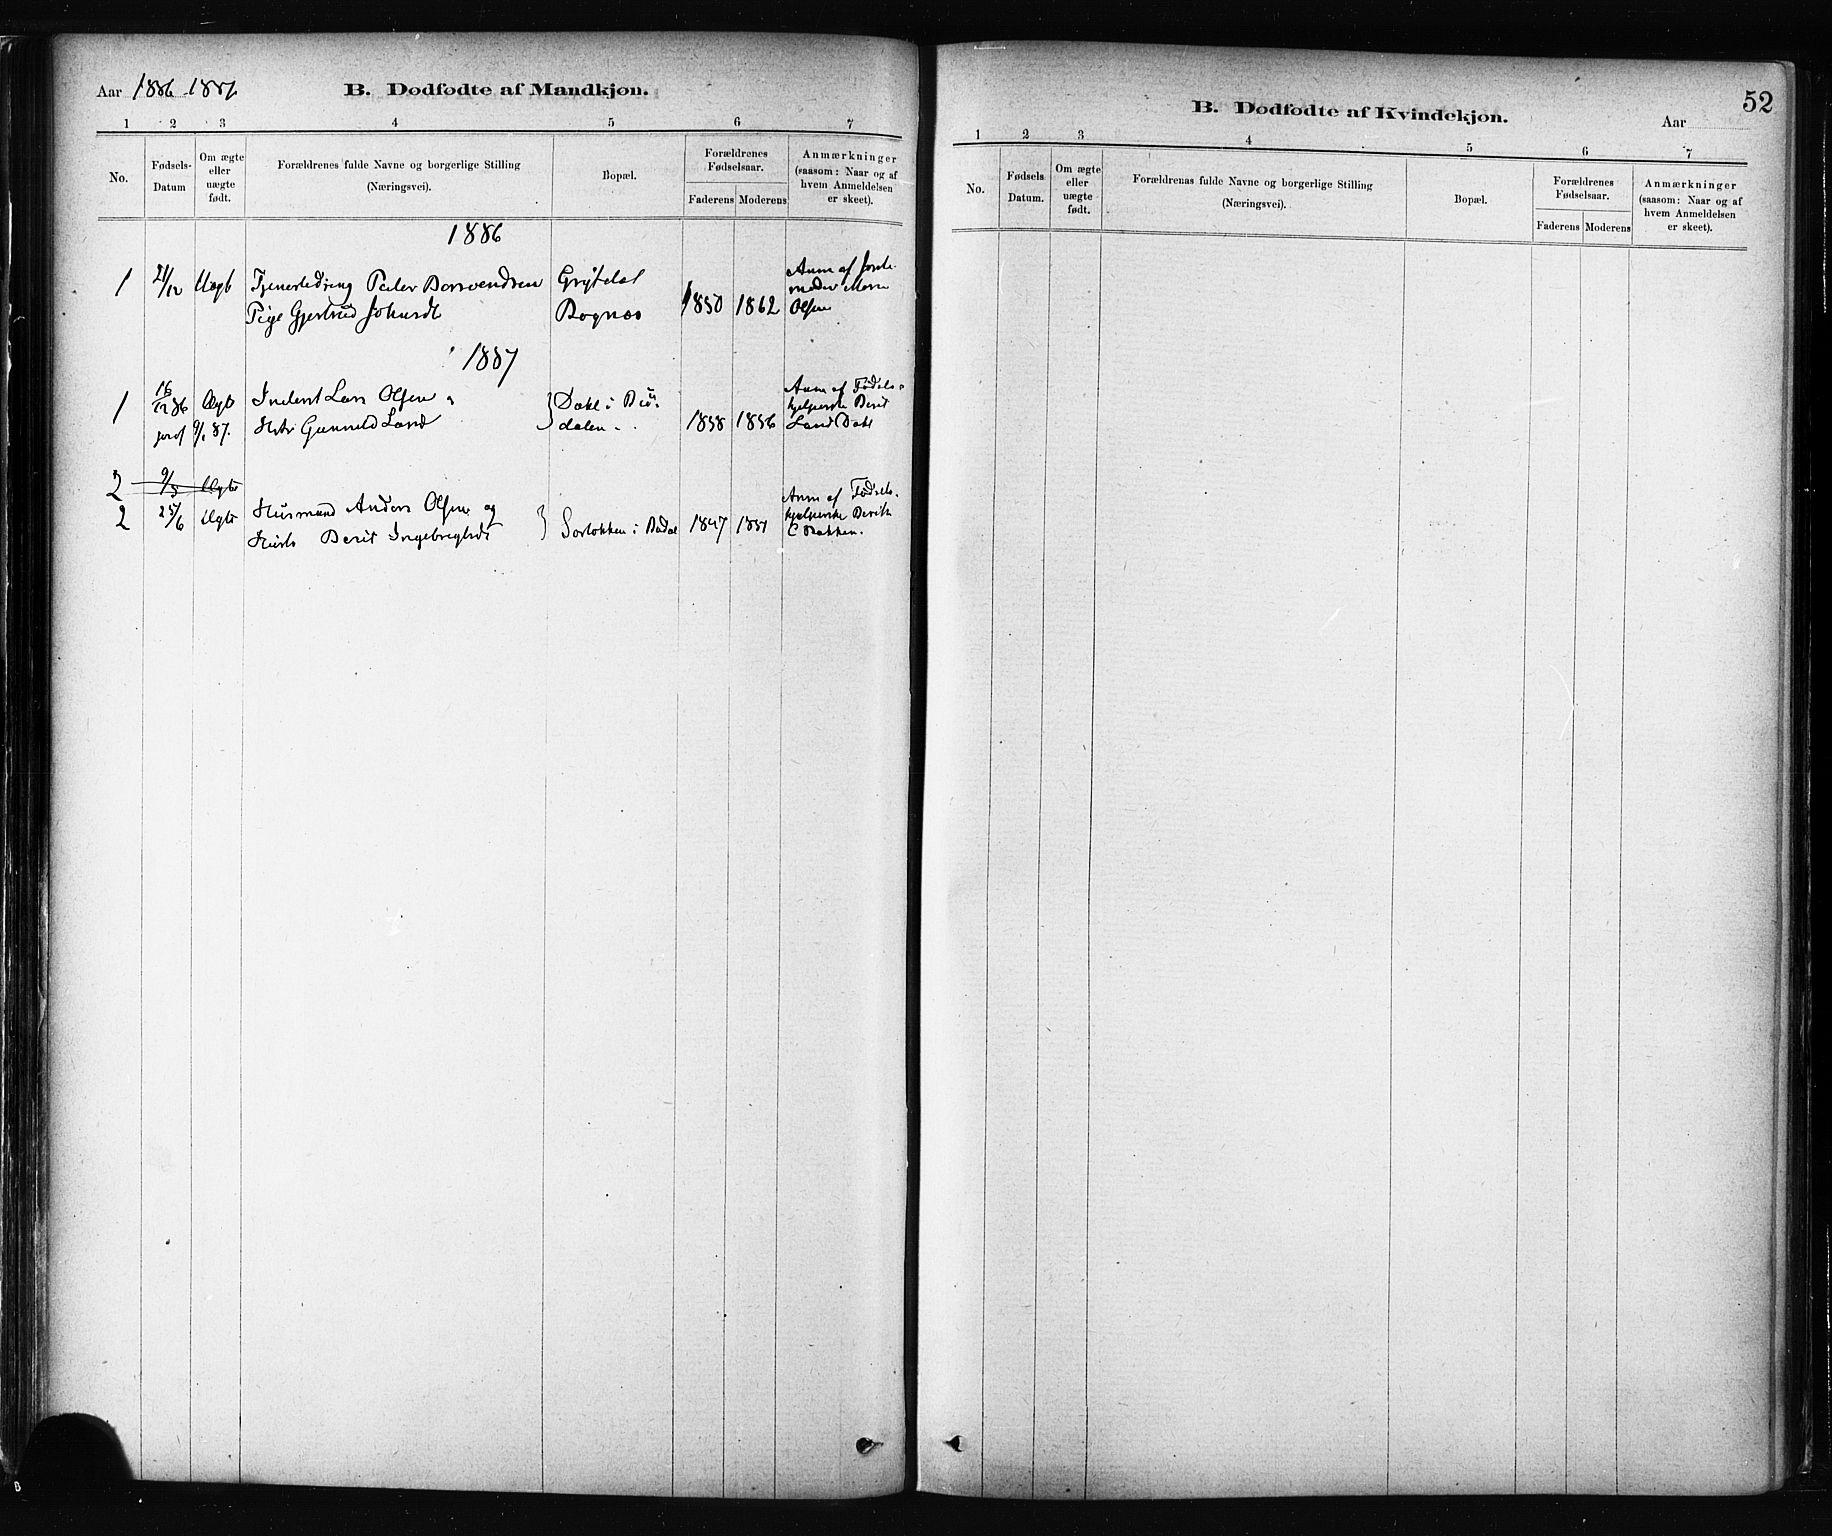 SAT, Ministerialprotokoller, klokkerbøker og fødselsregistre - Sør-Trøndelag, 687/L1002: Ministerialbok nr. 687A08, 1878-1890, s. 52